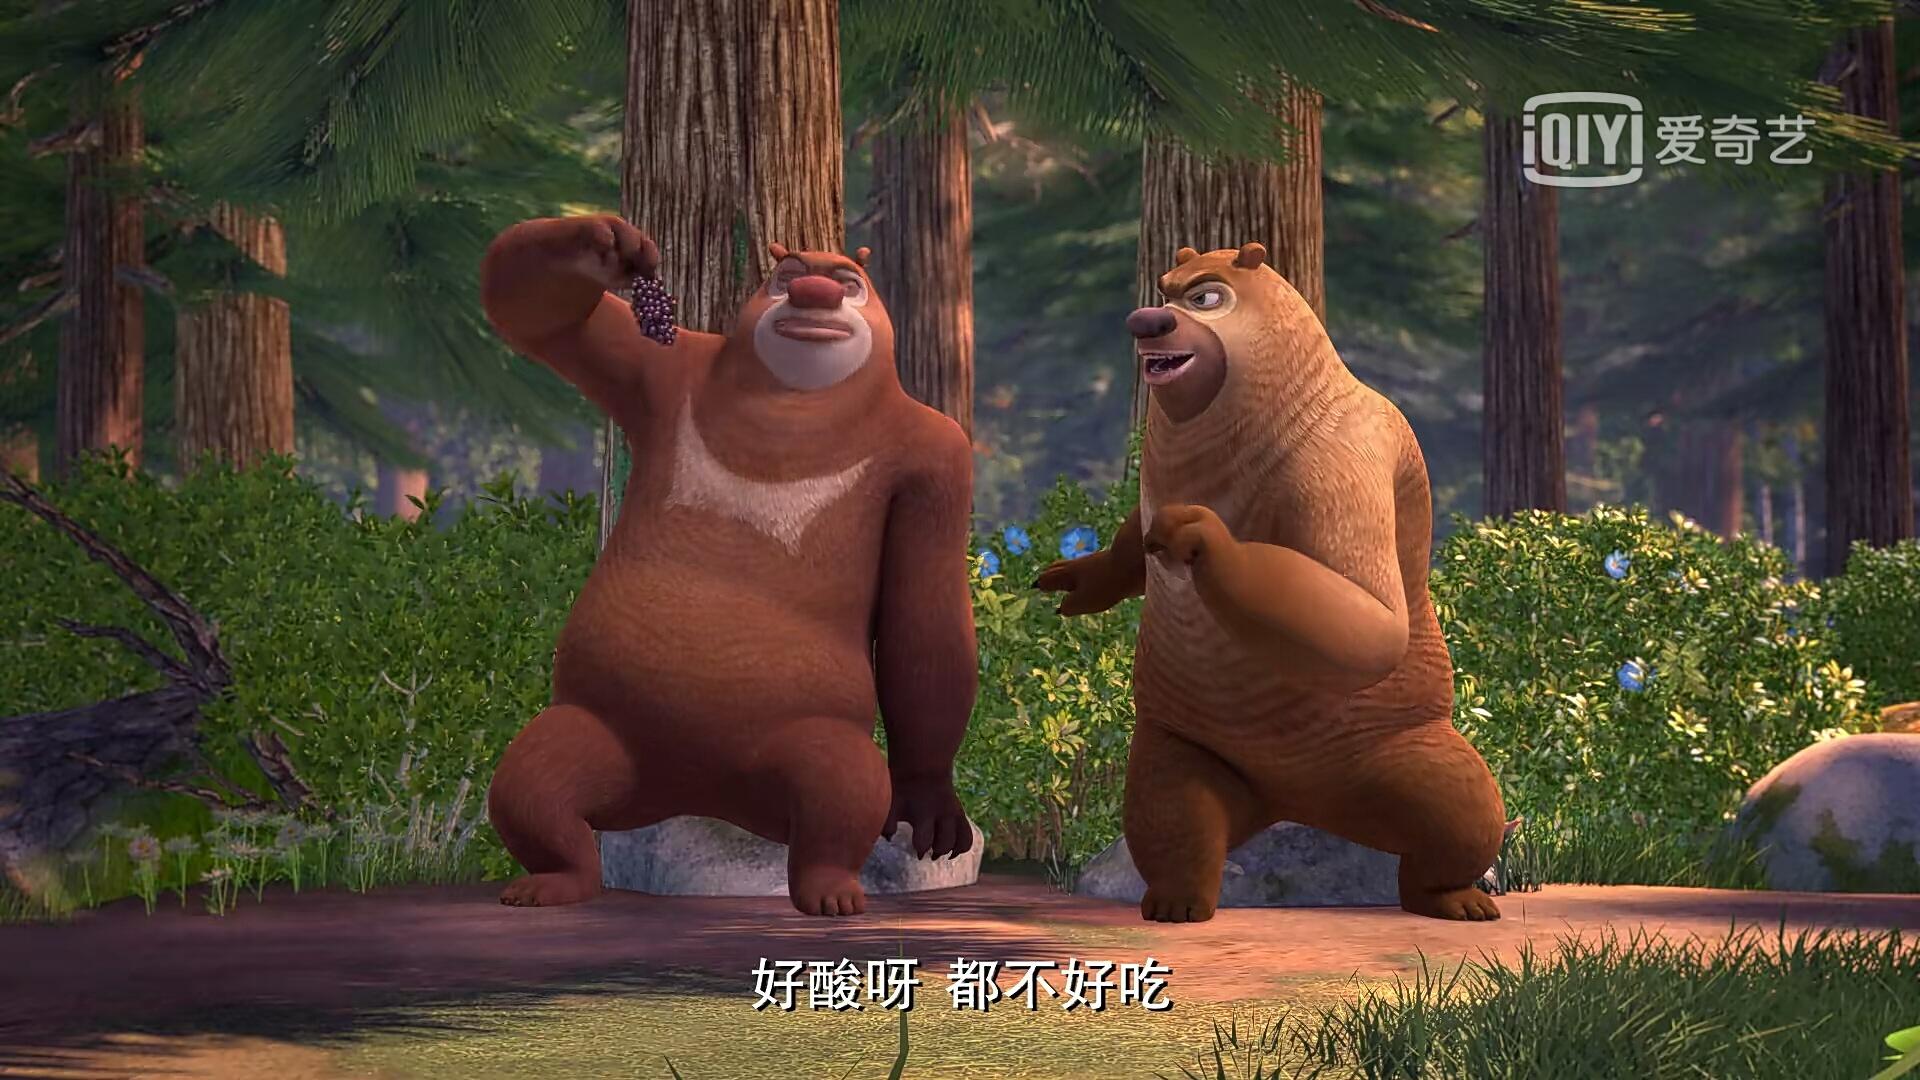 熊出没:天才威威胁守护神,熊大,熊二,光头强会保护团子的视频图片